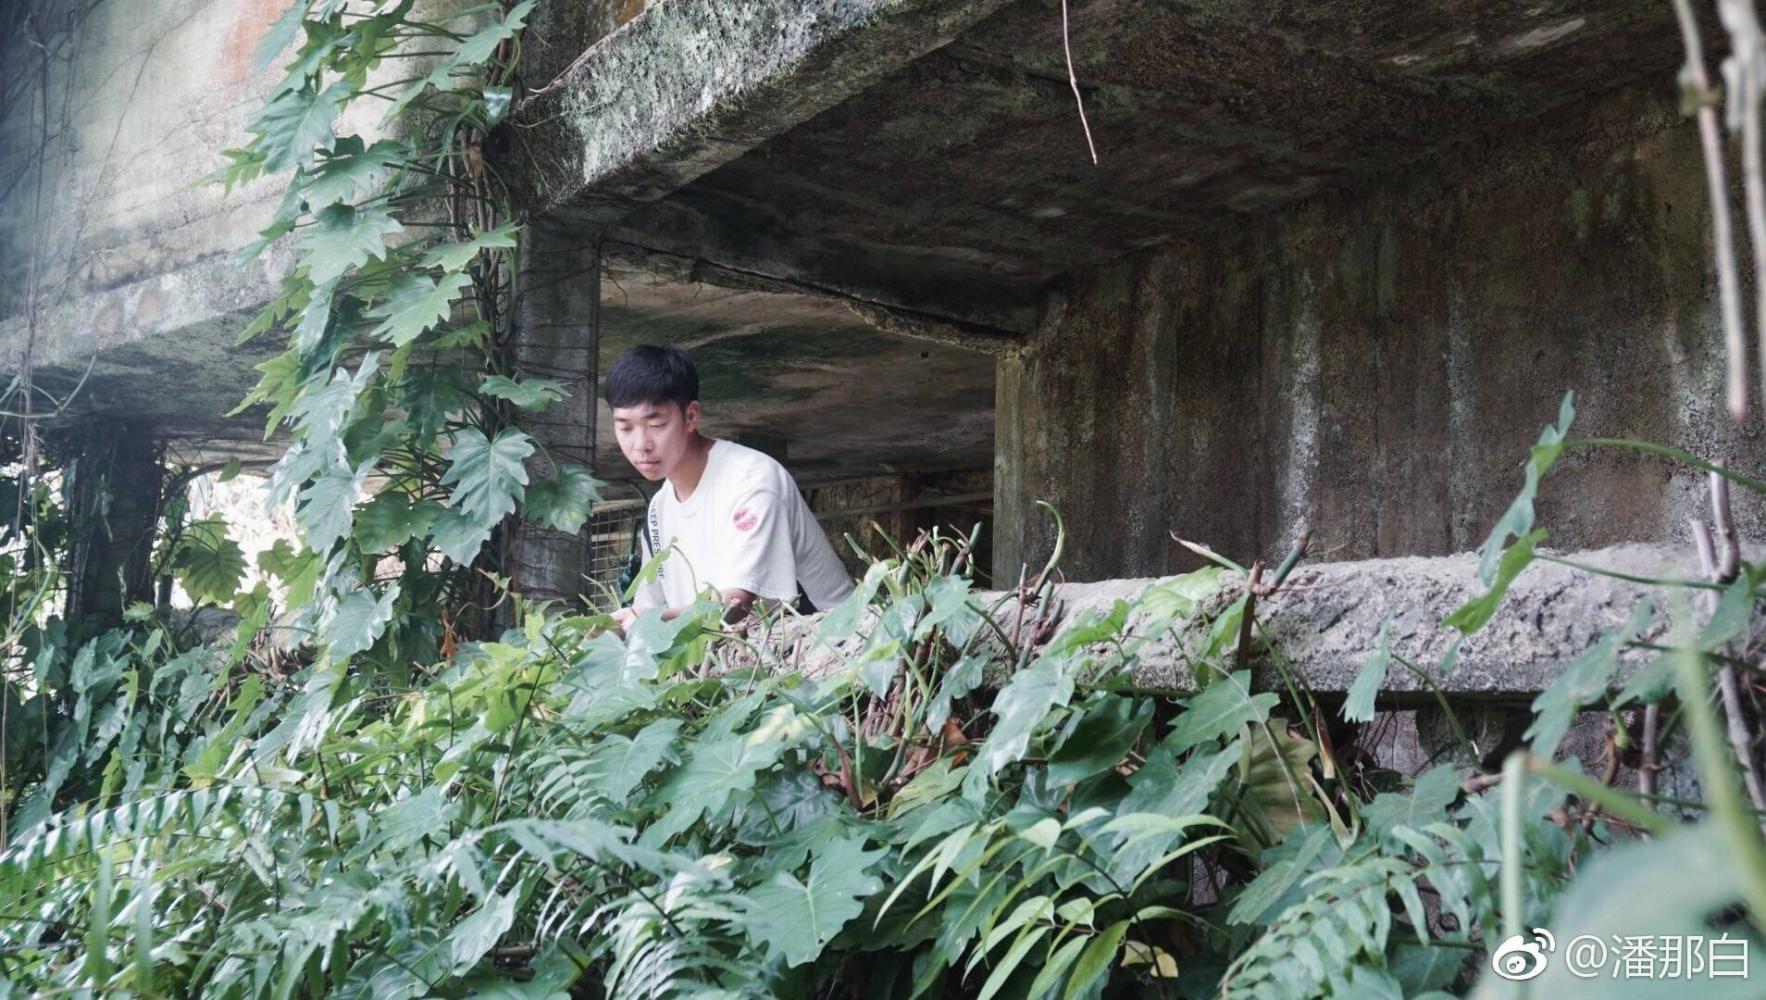 传说宫崎骏天空之城灵感地丨实用攻略,教你两小时畅玩帕罗尼拉公园